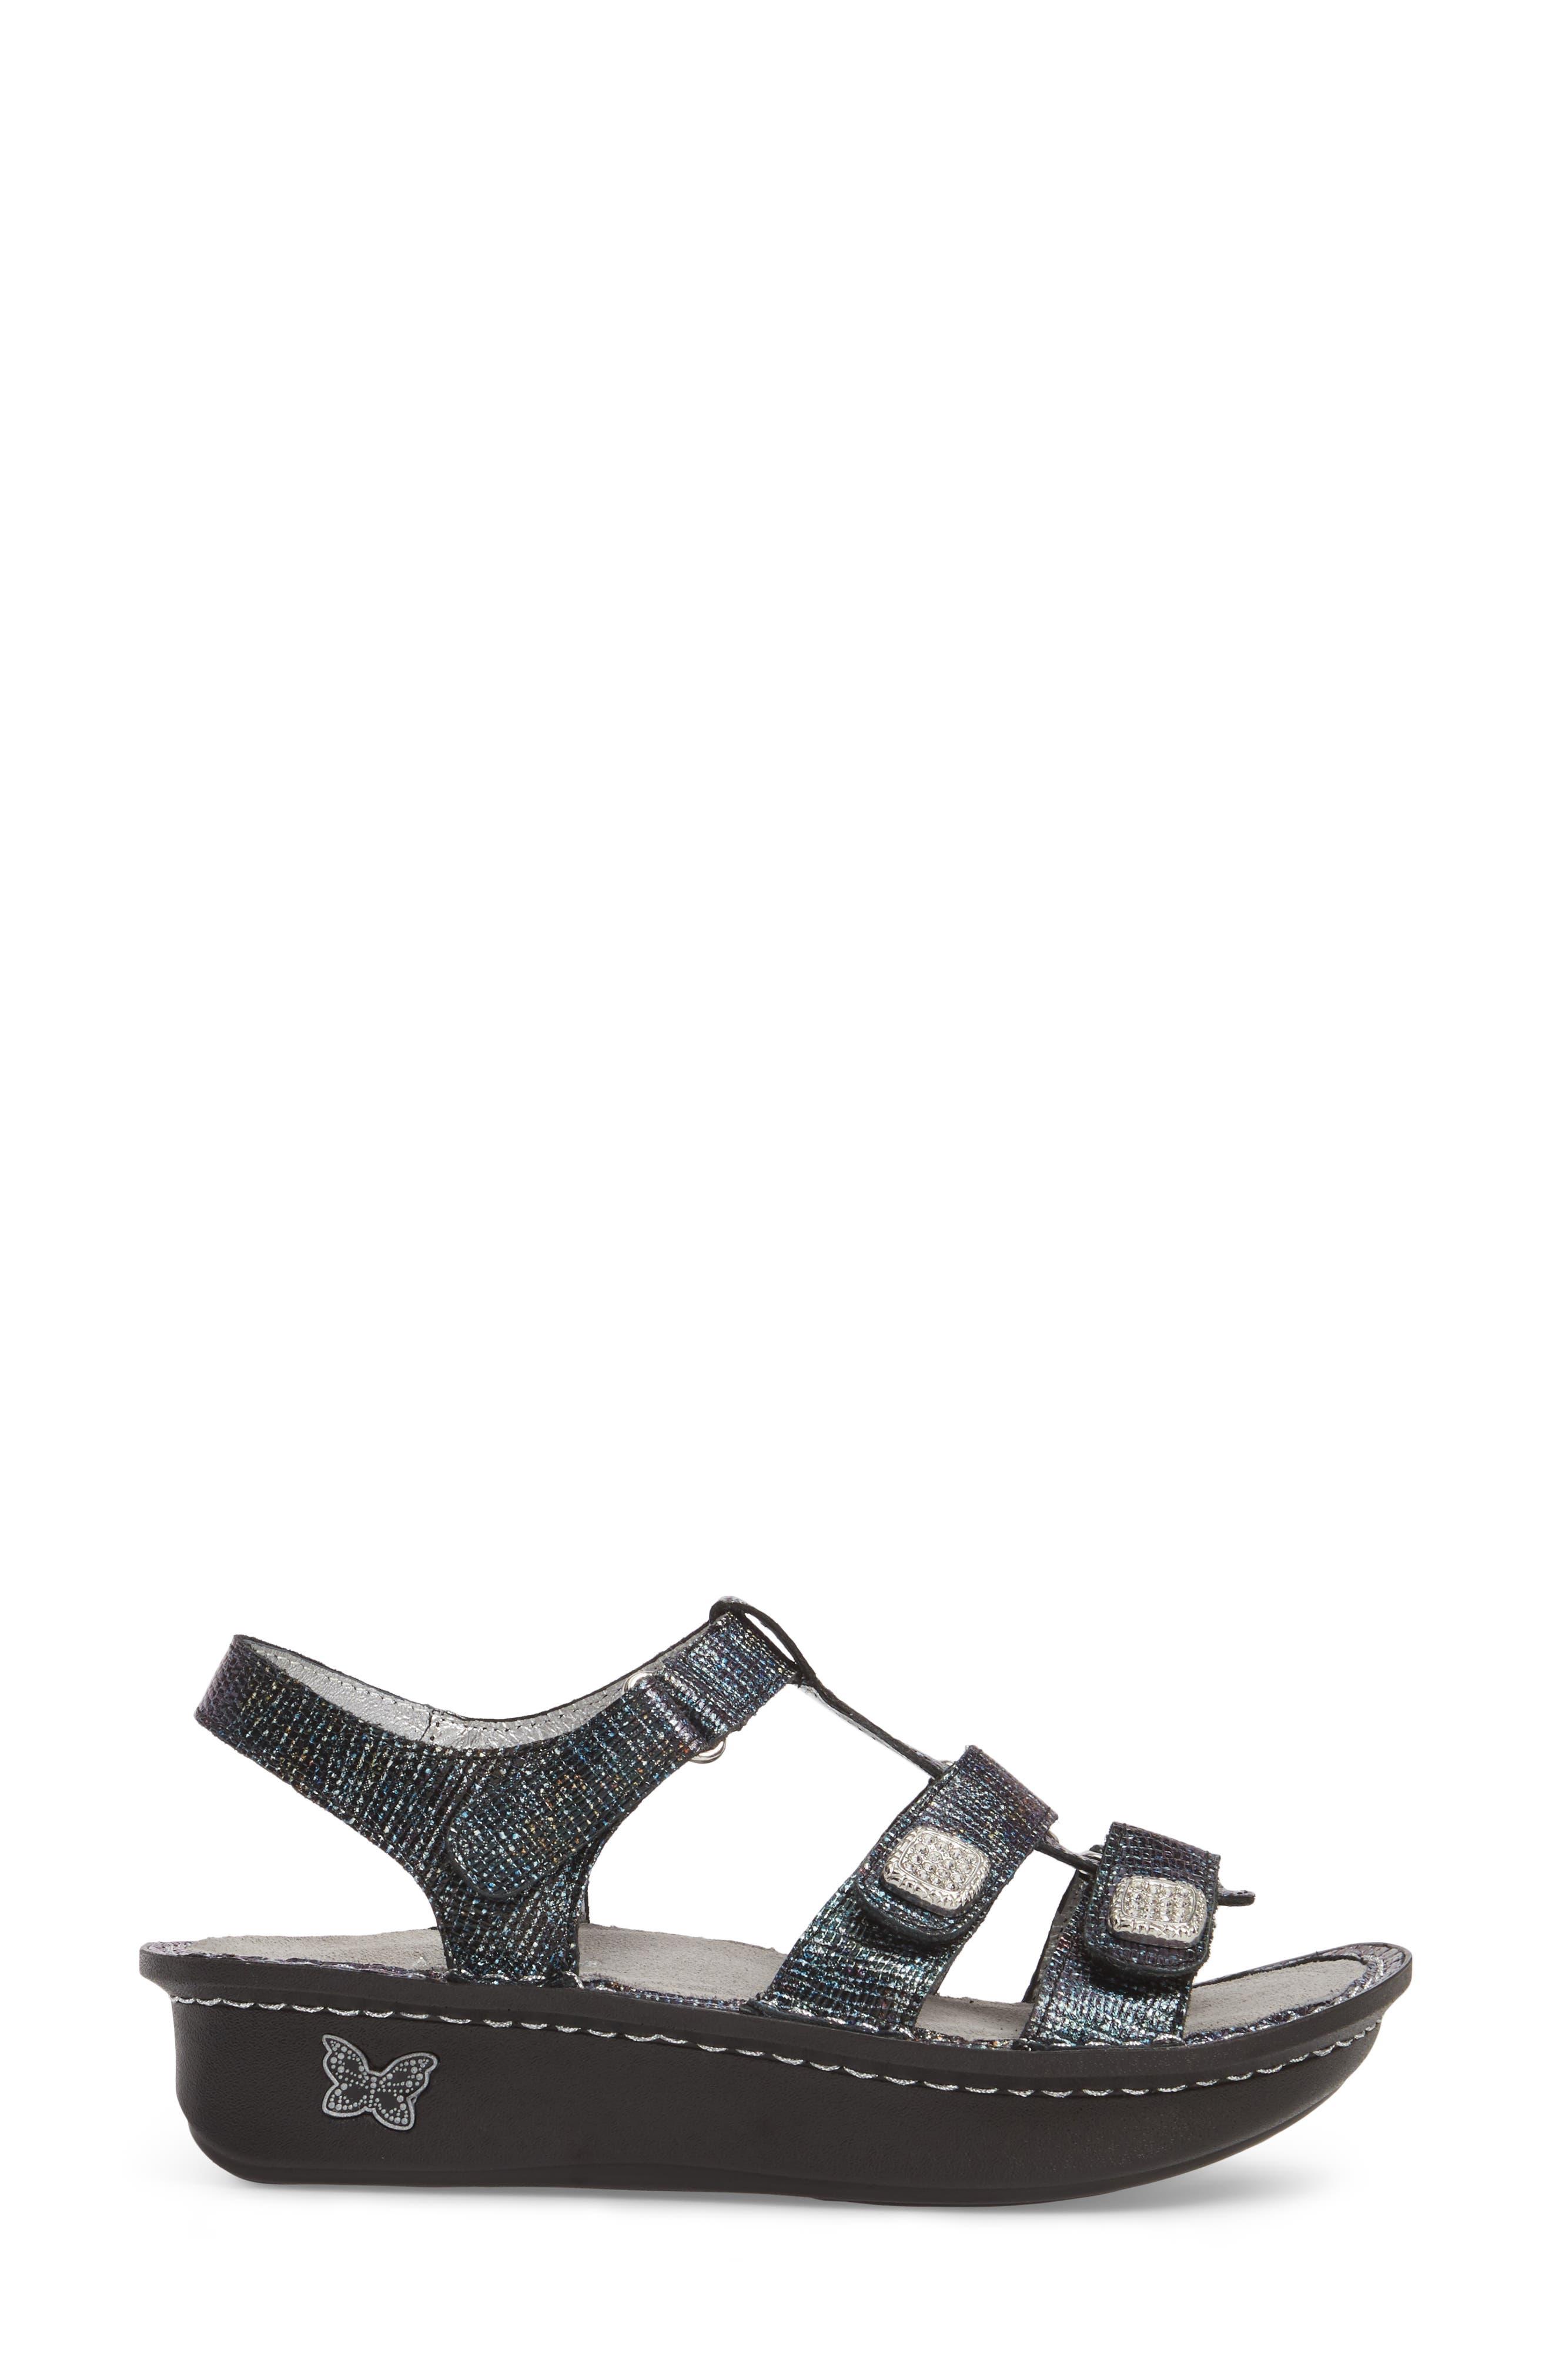 'Kleo' Sandal,                             Alternate thumbnail 3, color,                             002